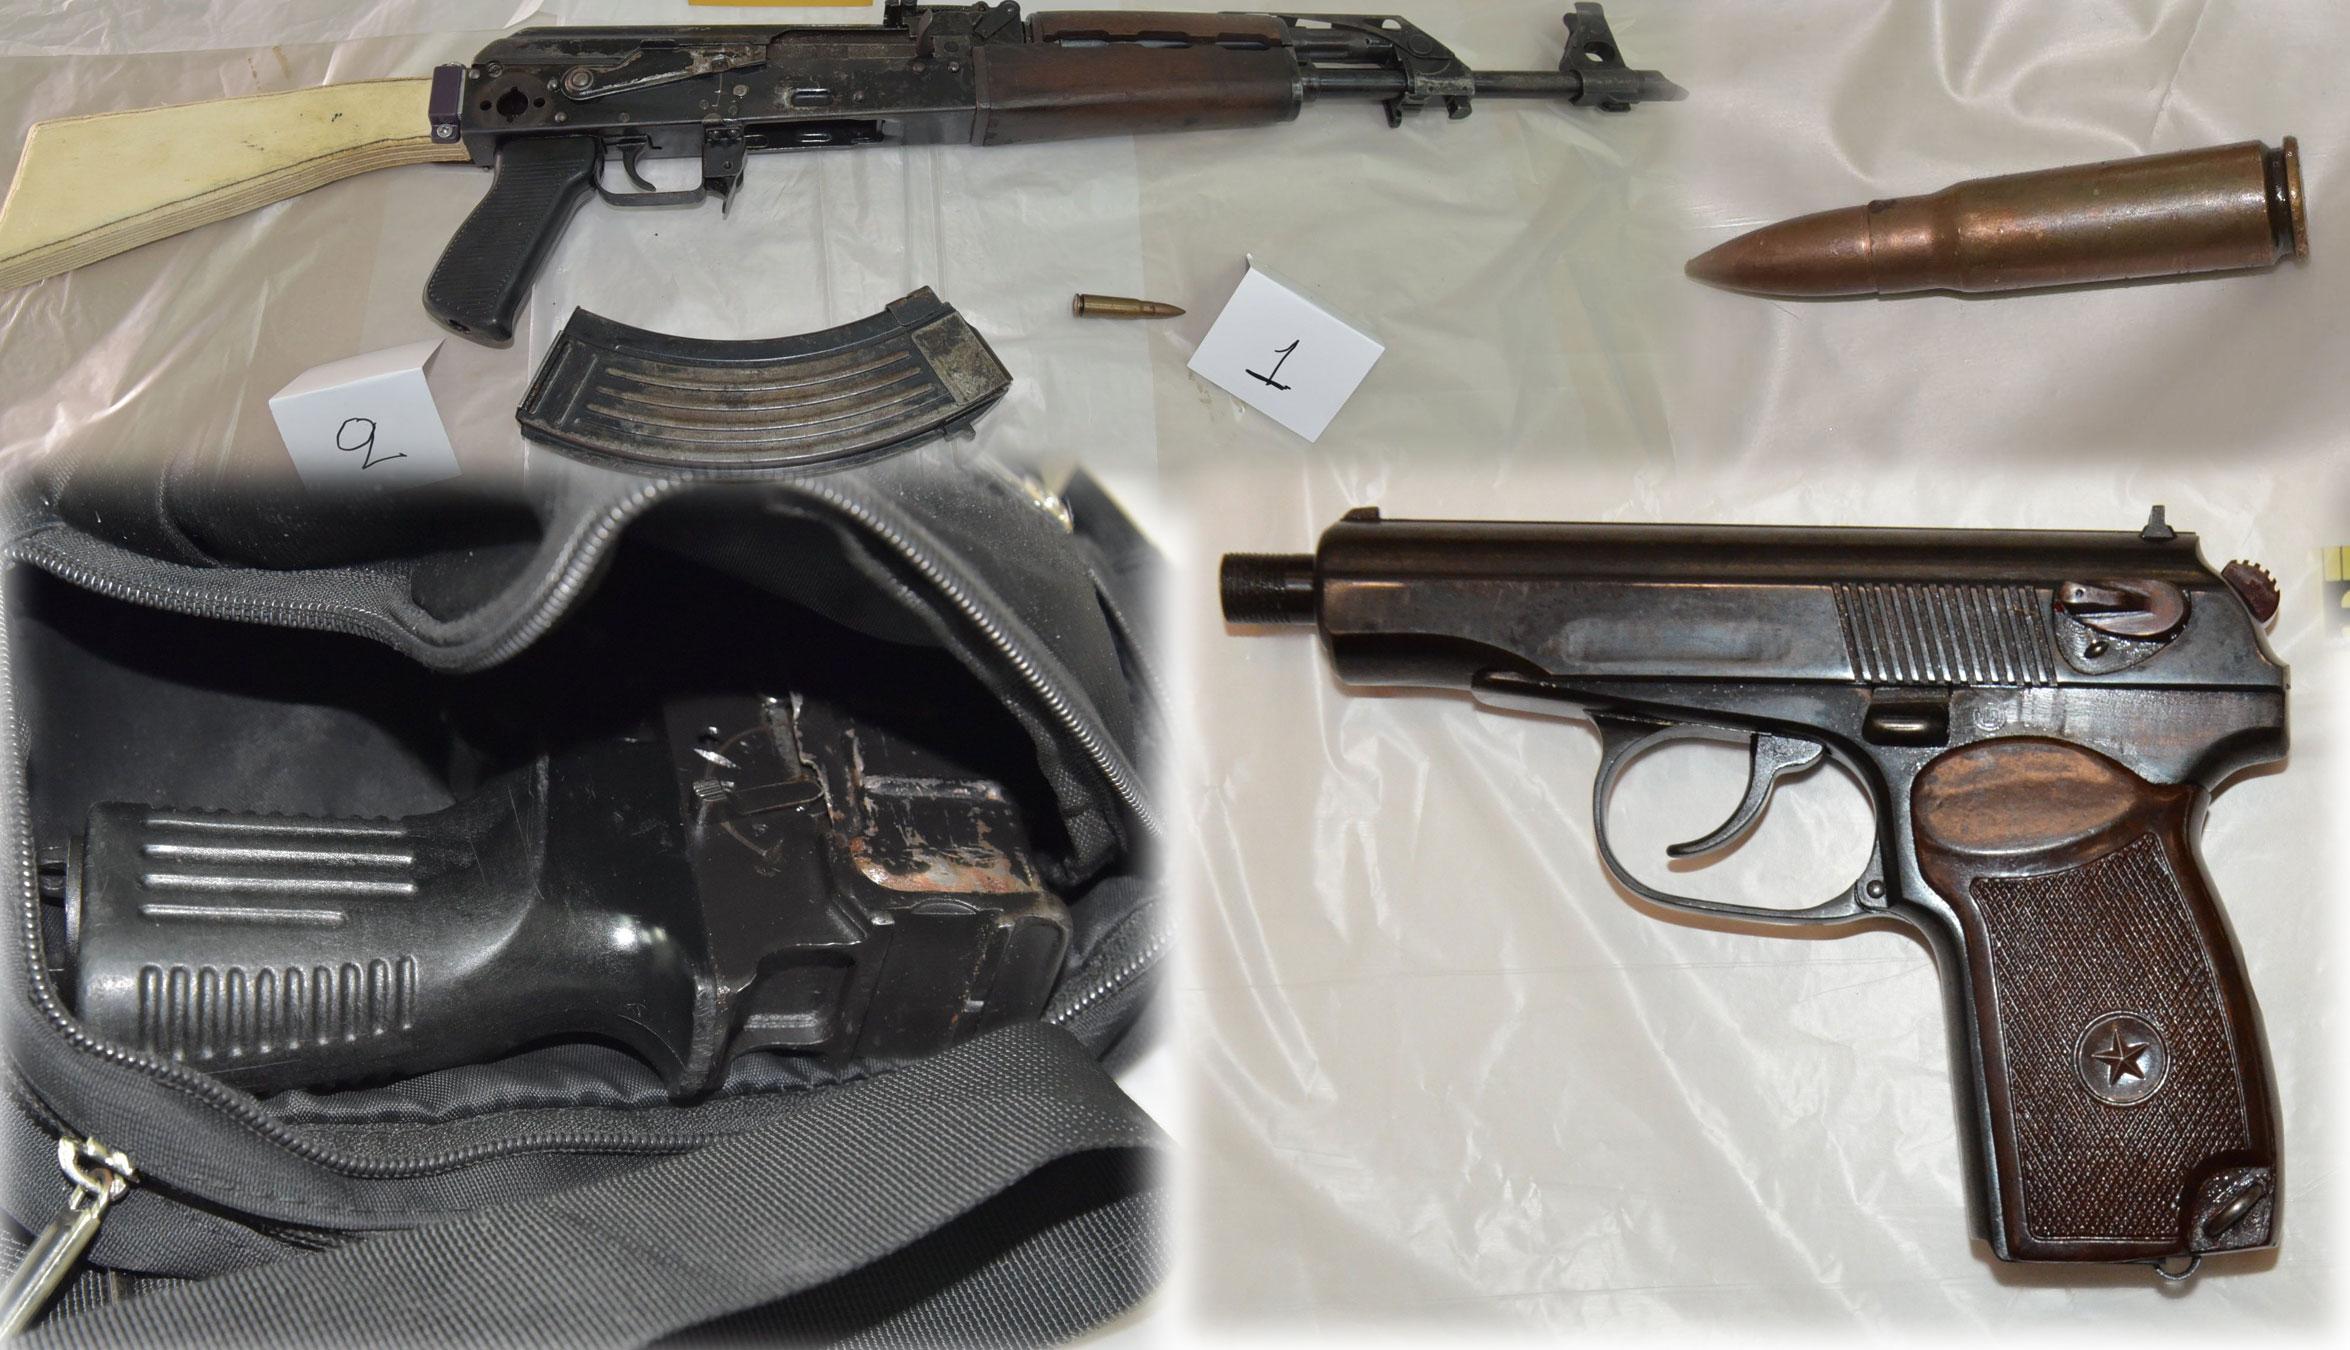 Σύλληψη Τοξοβόλου: Έπιασαν τους τρομοκράτες λίγο πριν κάνουν χτύπημα;